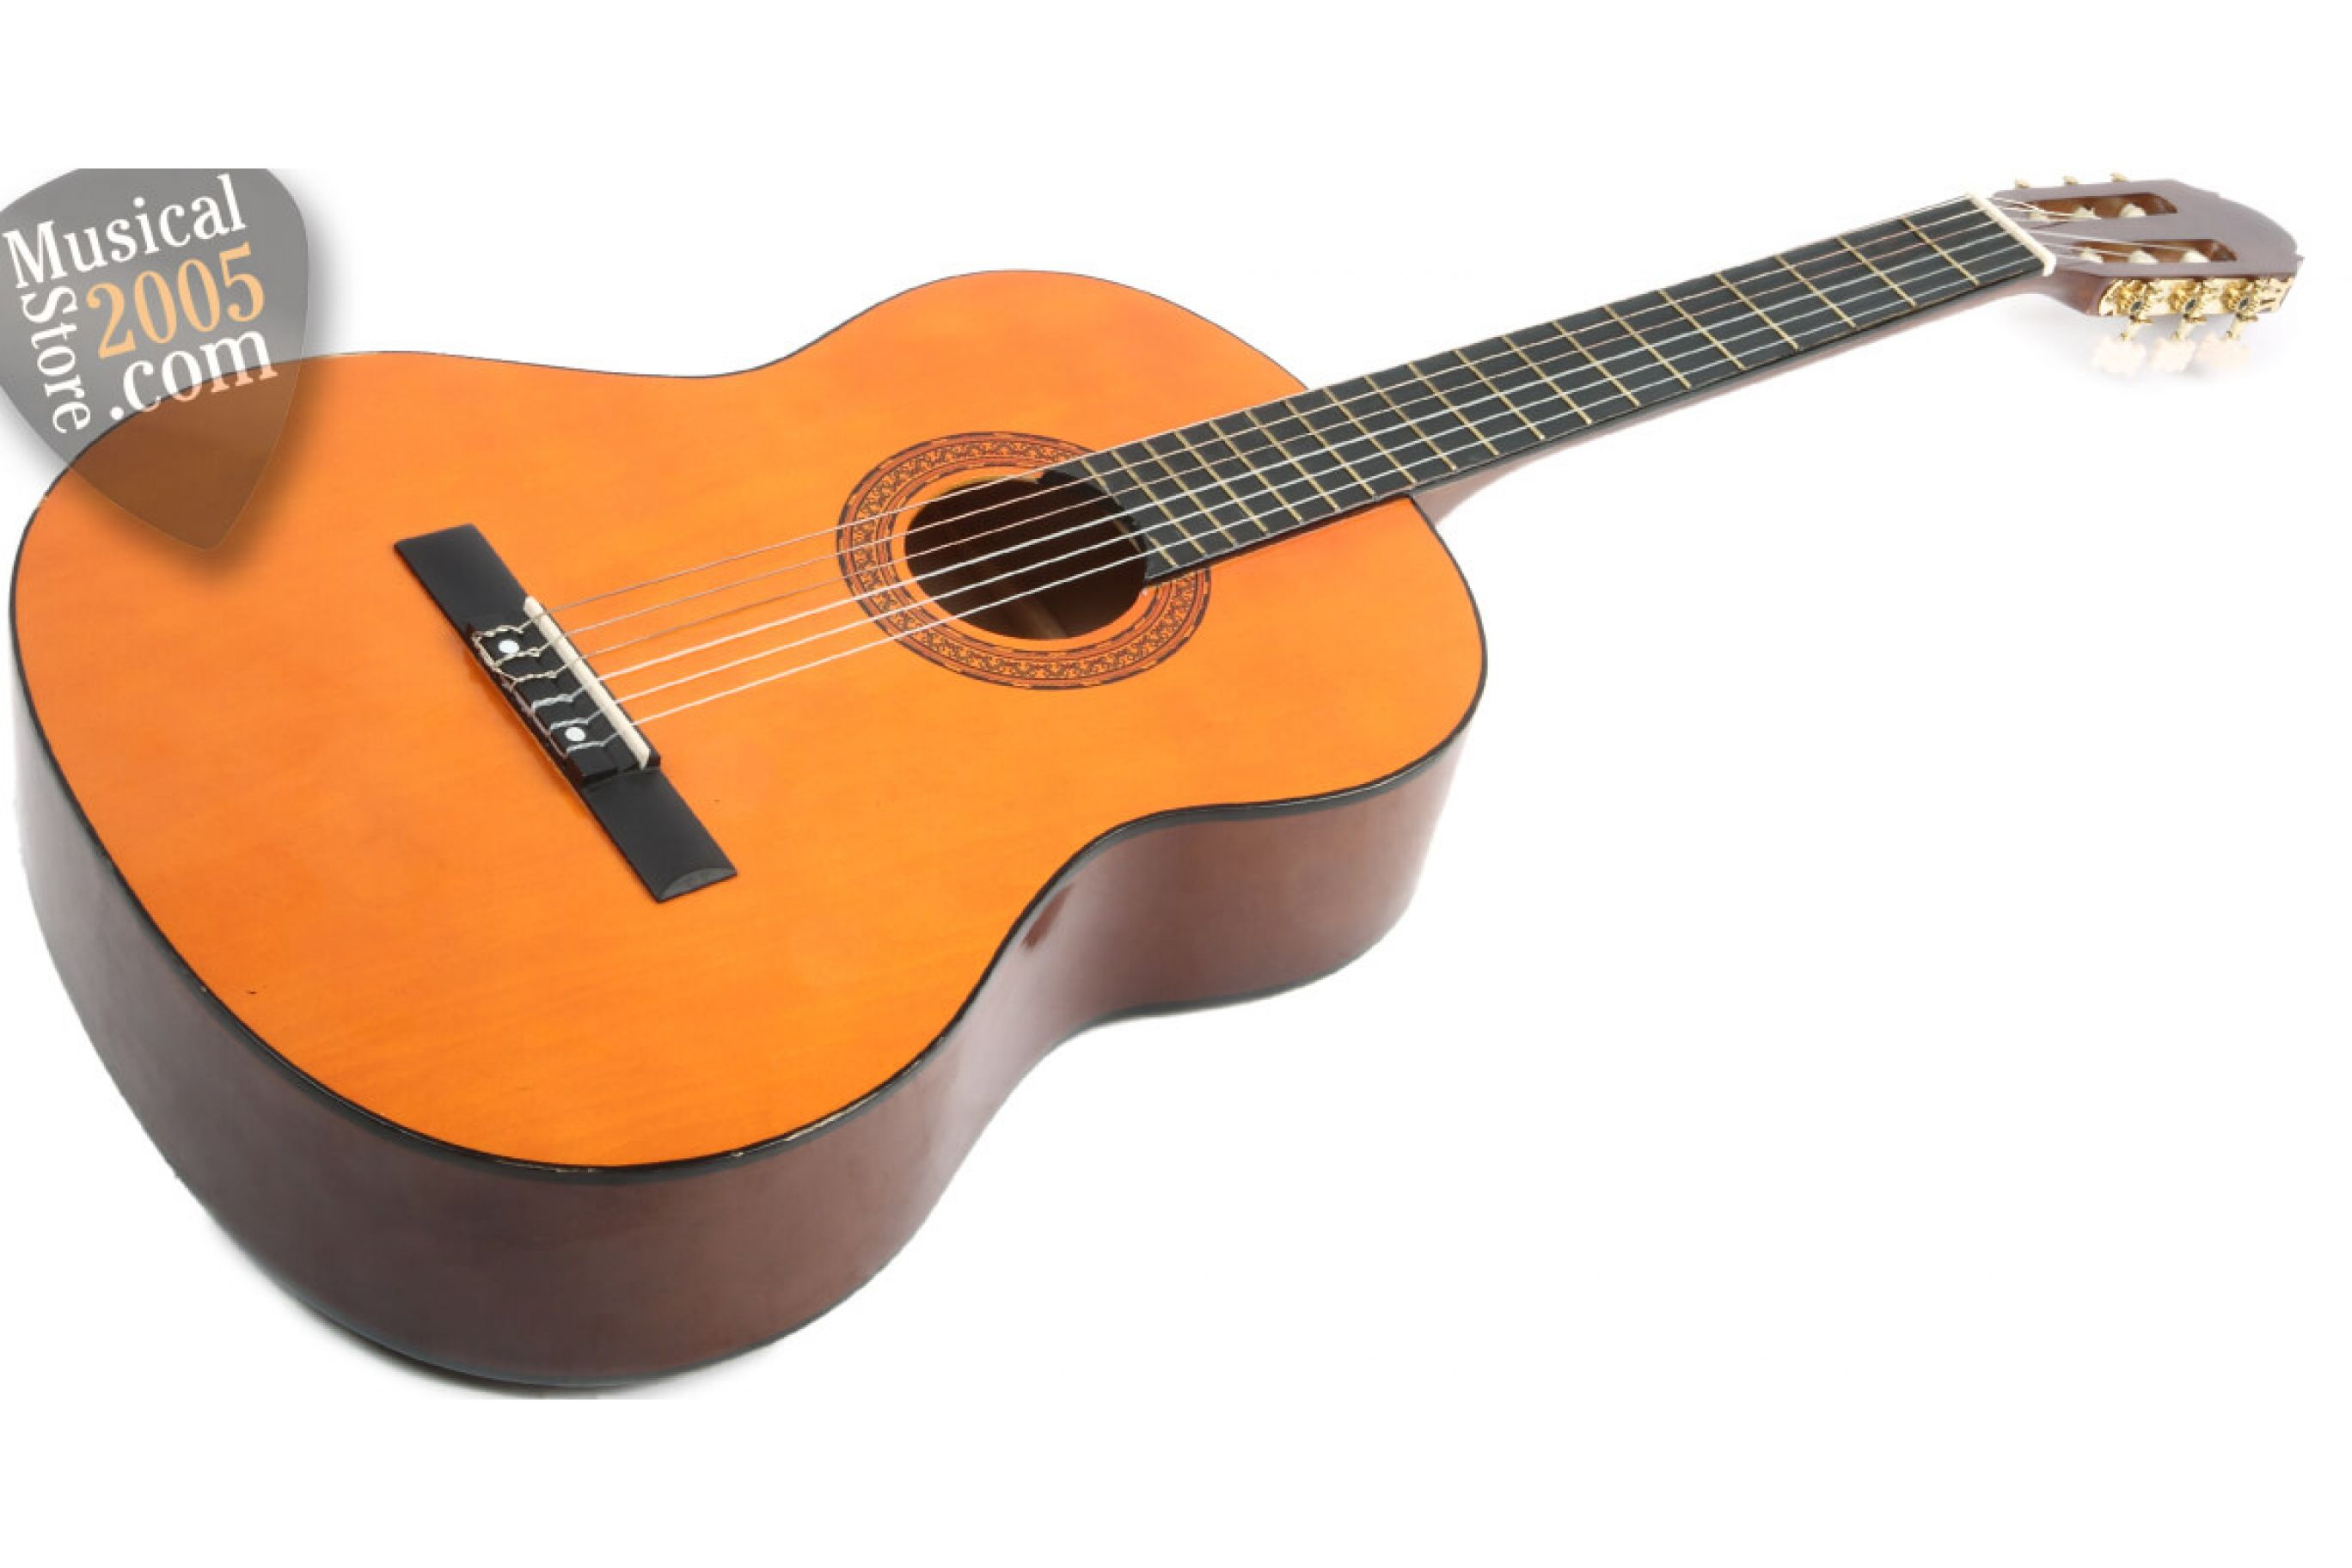 Classifica le 10 migliori chitarre classiche per principianti